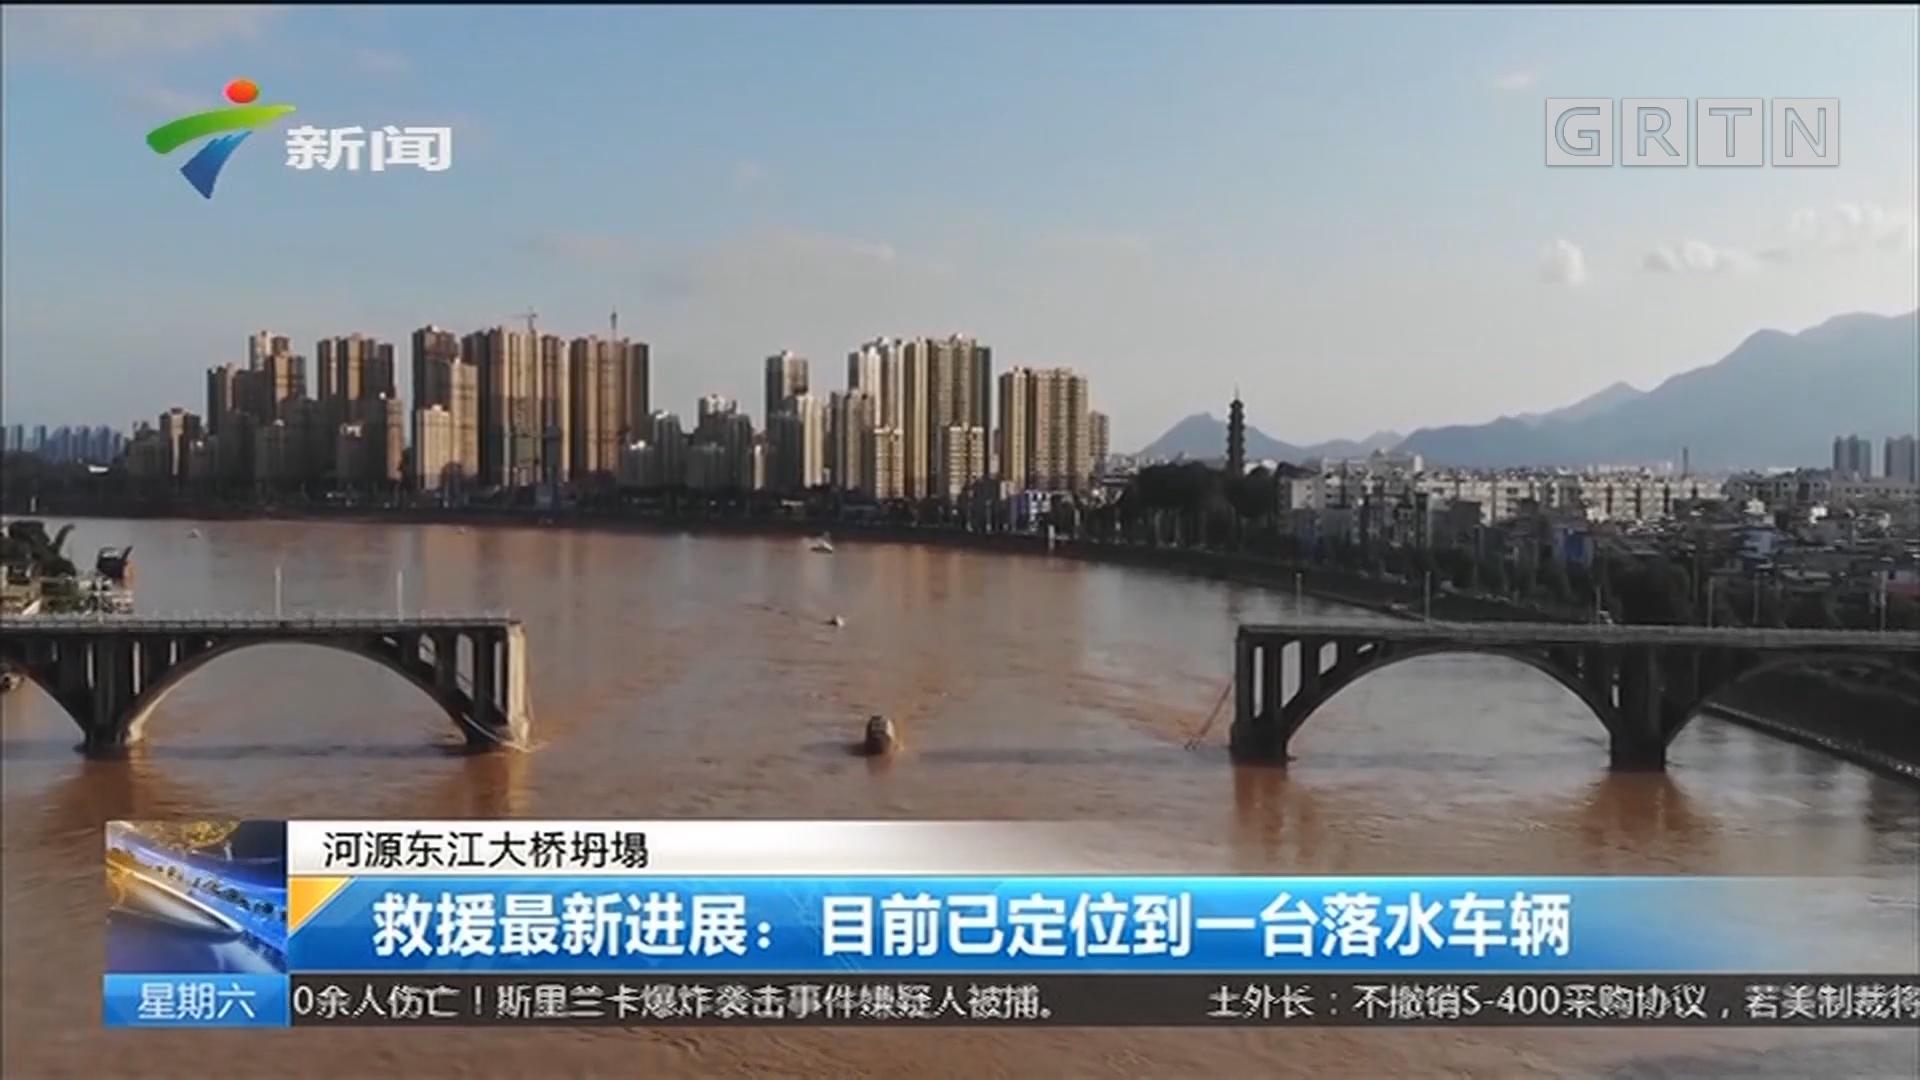 河源东江大桥坍塌 救援最新进展:目前已定位到一台落水车辆